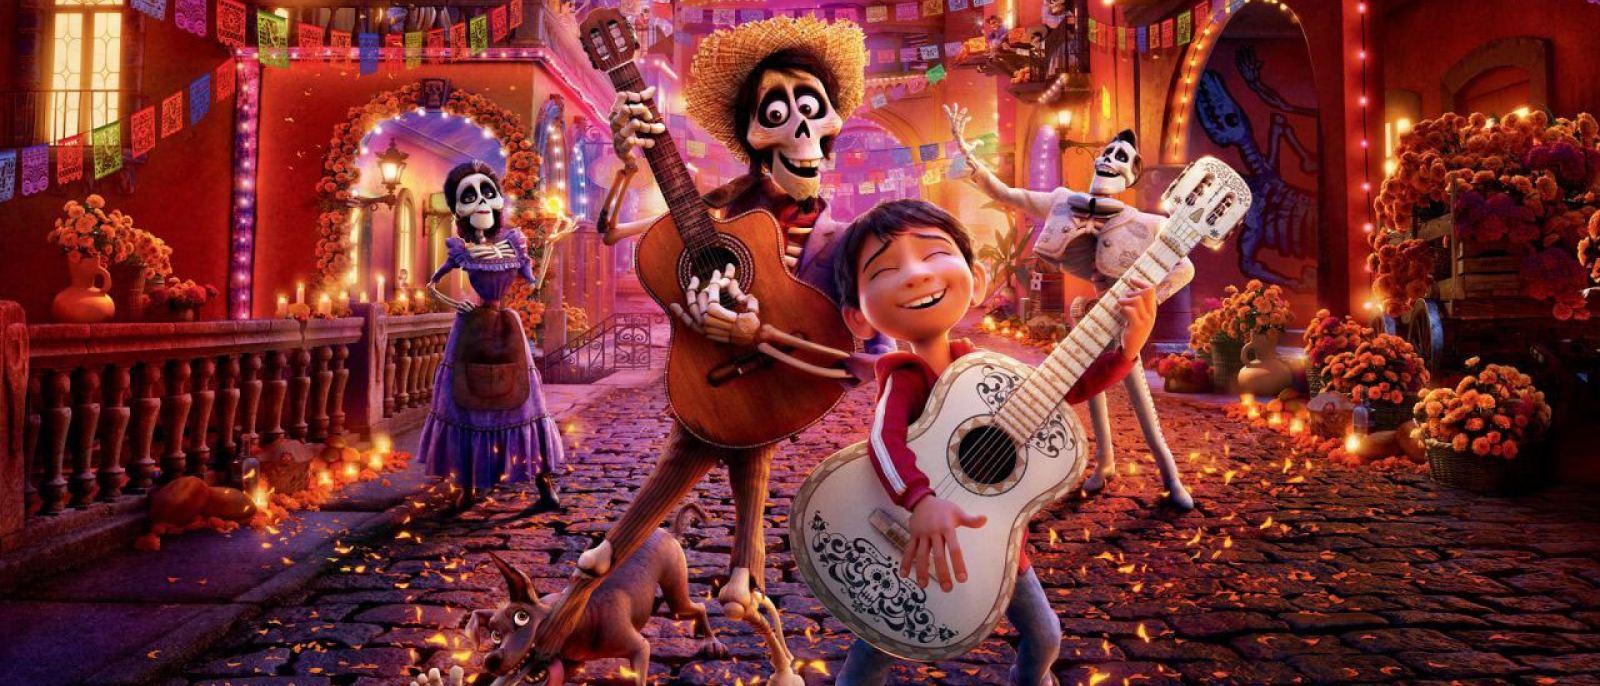 """Disney/Pixar's """"Coco"""""""